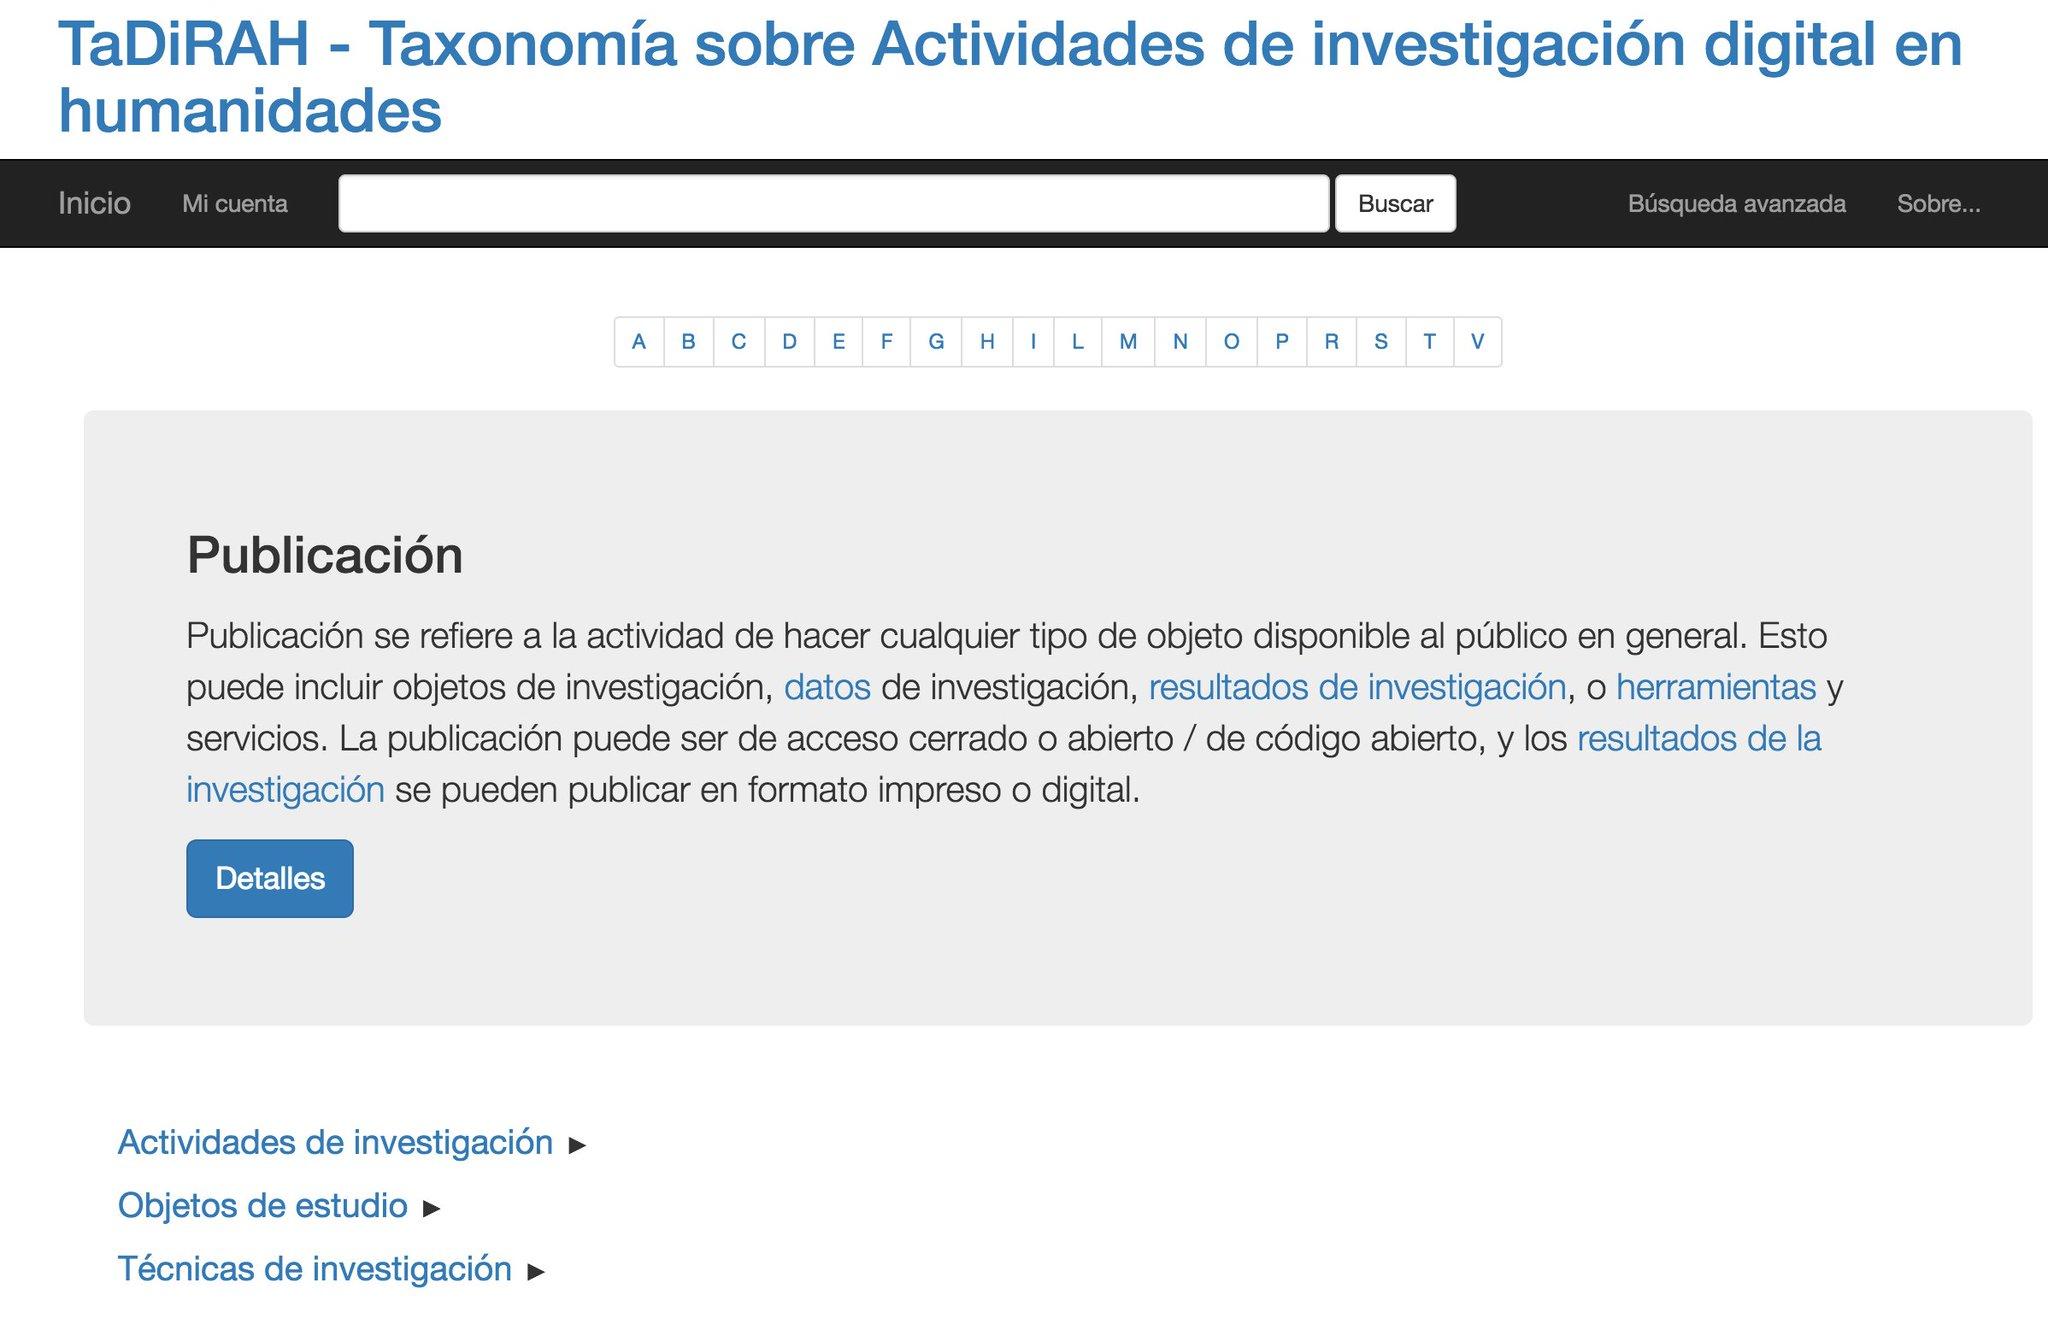 Diego Ferreyra presenta TaDiRAH Taxonomía sobre Actividades de investigación digital en humanidades #congresoAAHD https://t.co/4cu31urcpo https://t.co/xNXF92XN4t